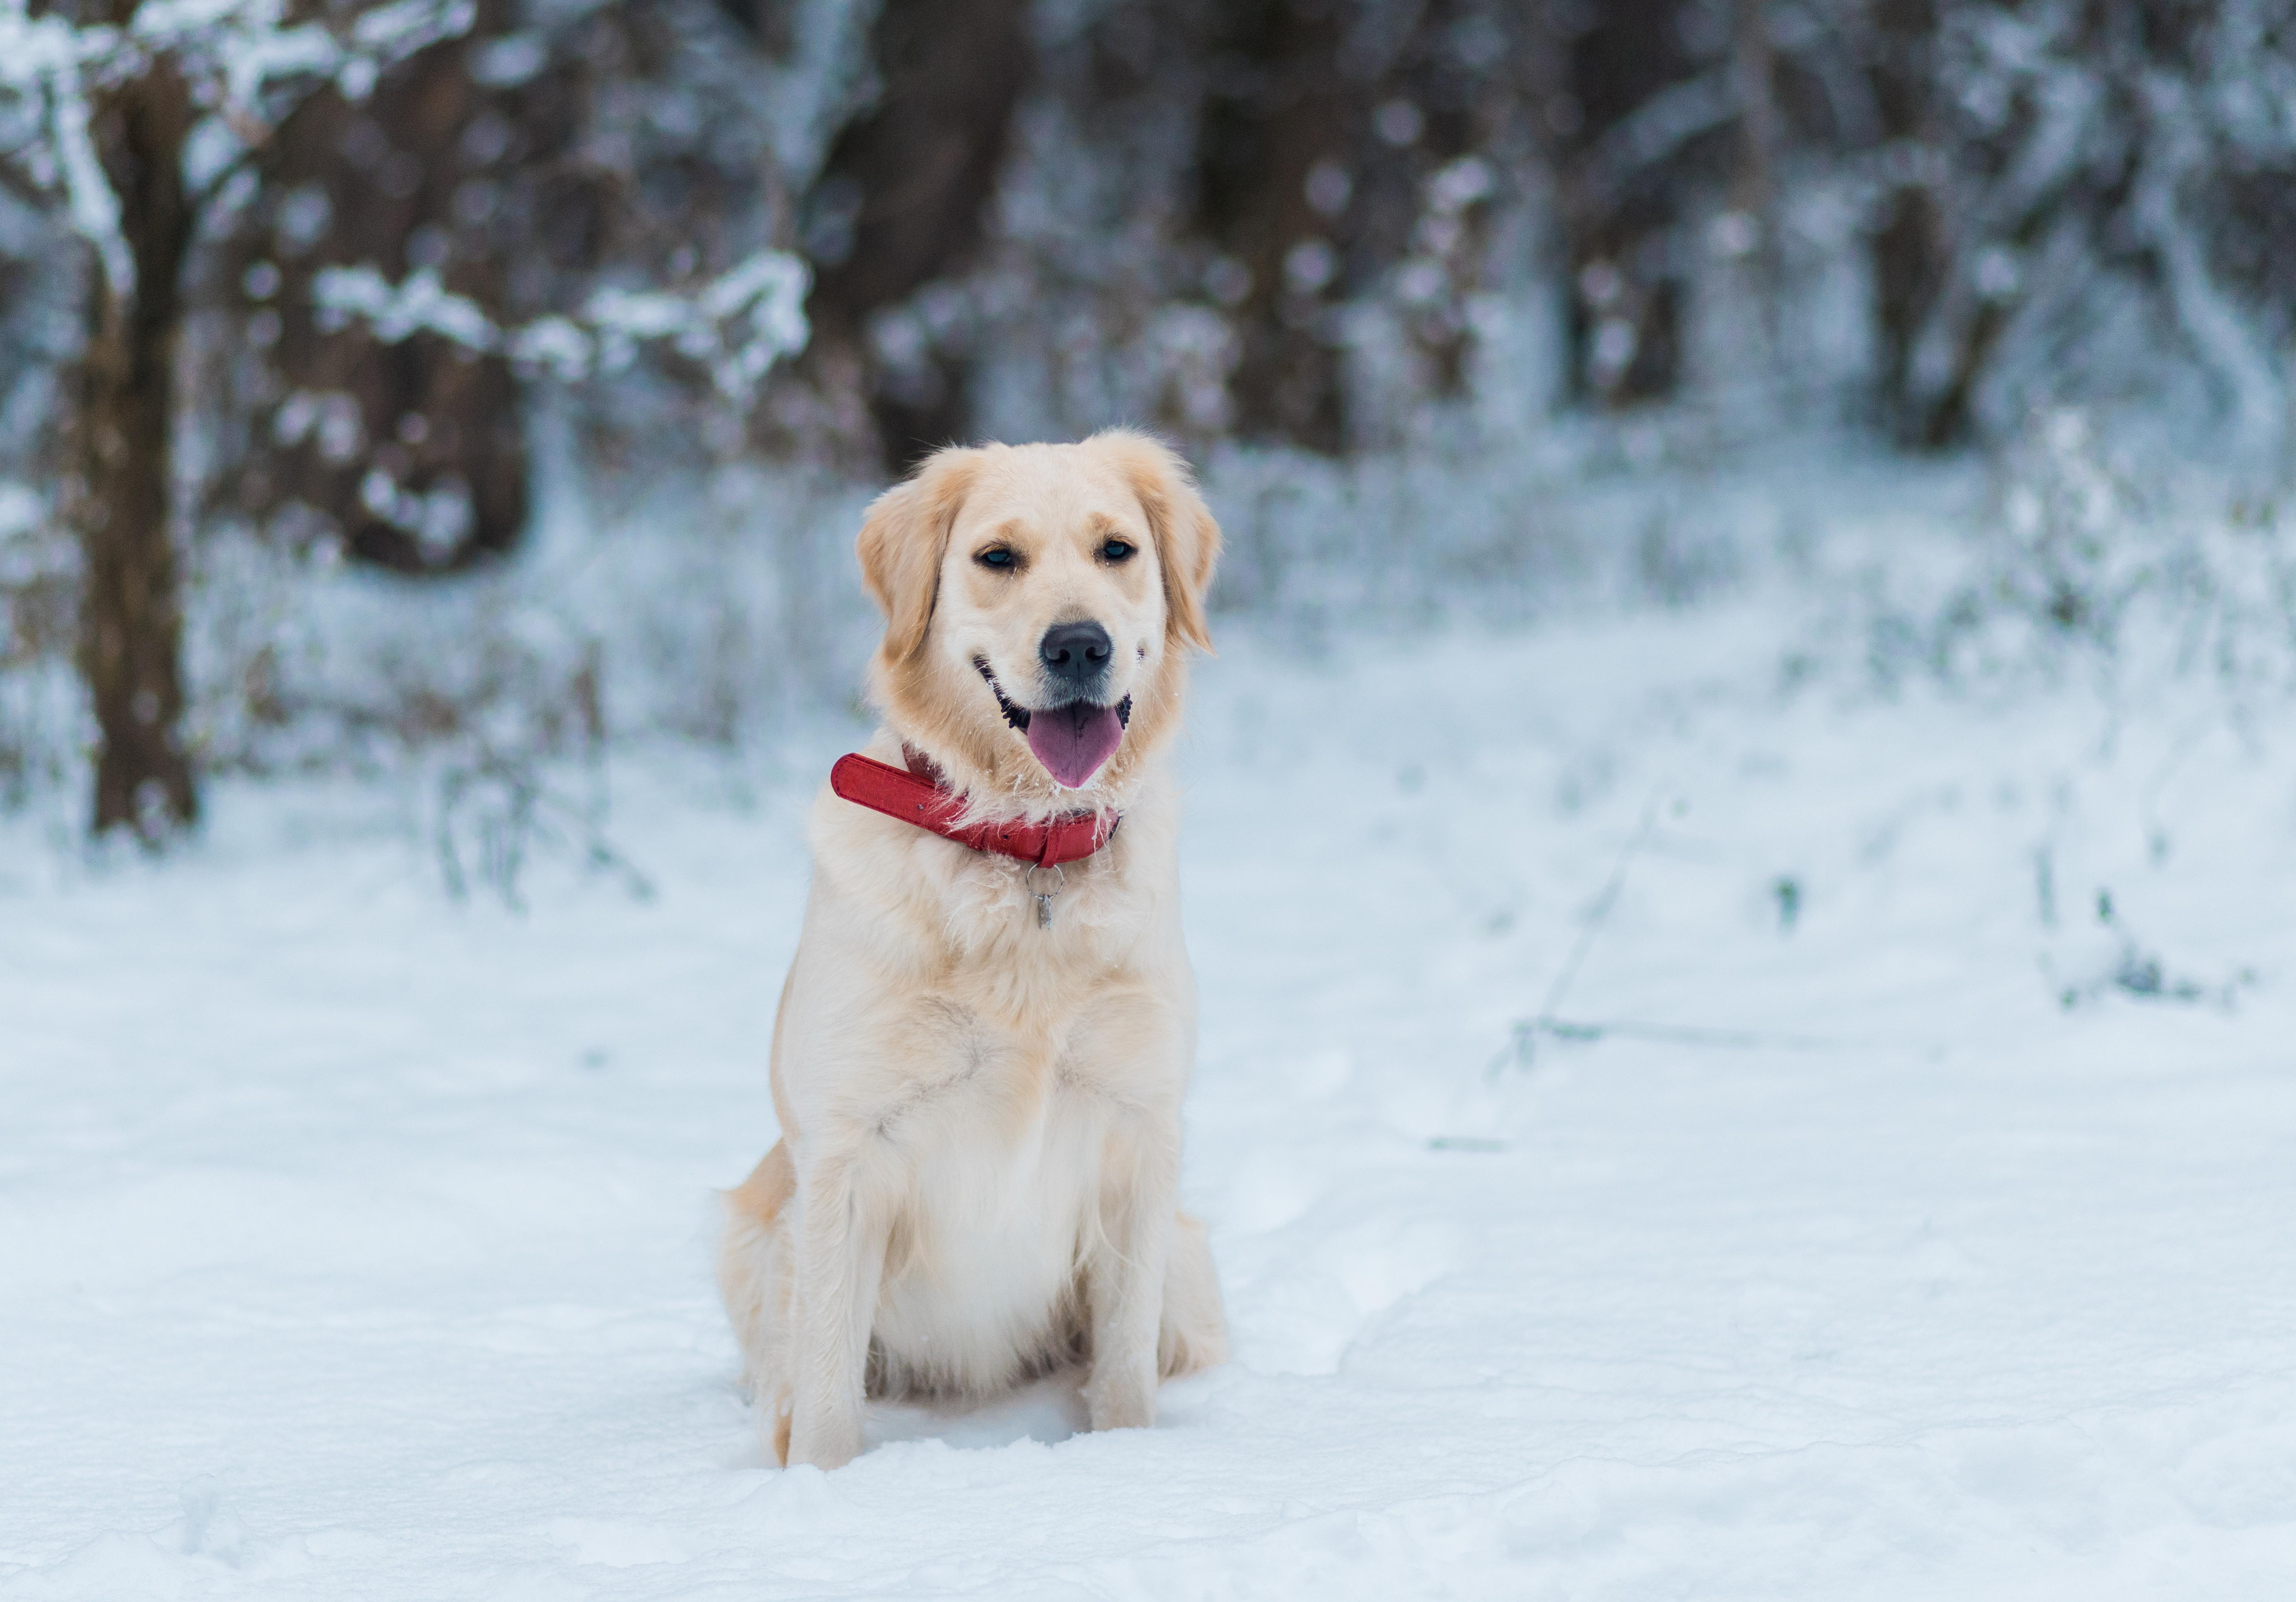 Ett bra täcke eller en jacka i rätt storlek är viktigt om du ser att hunden fryser, se bara till att det sitter bekvämt och inte besvärar hunden på promenaden.